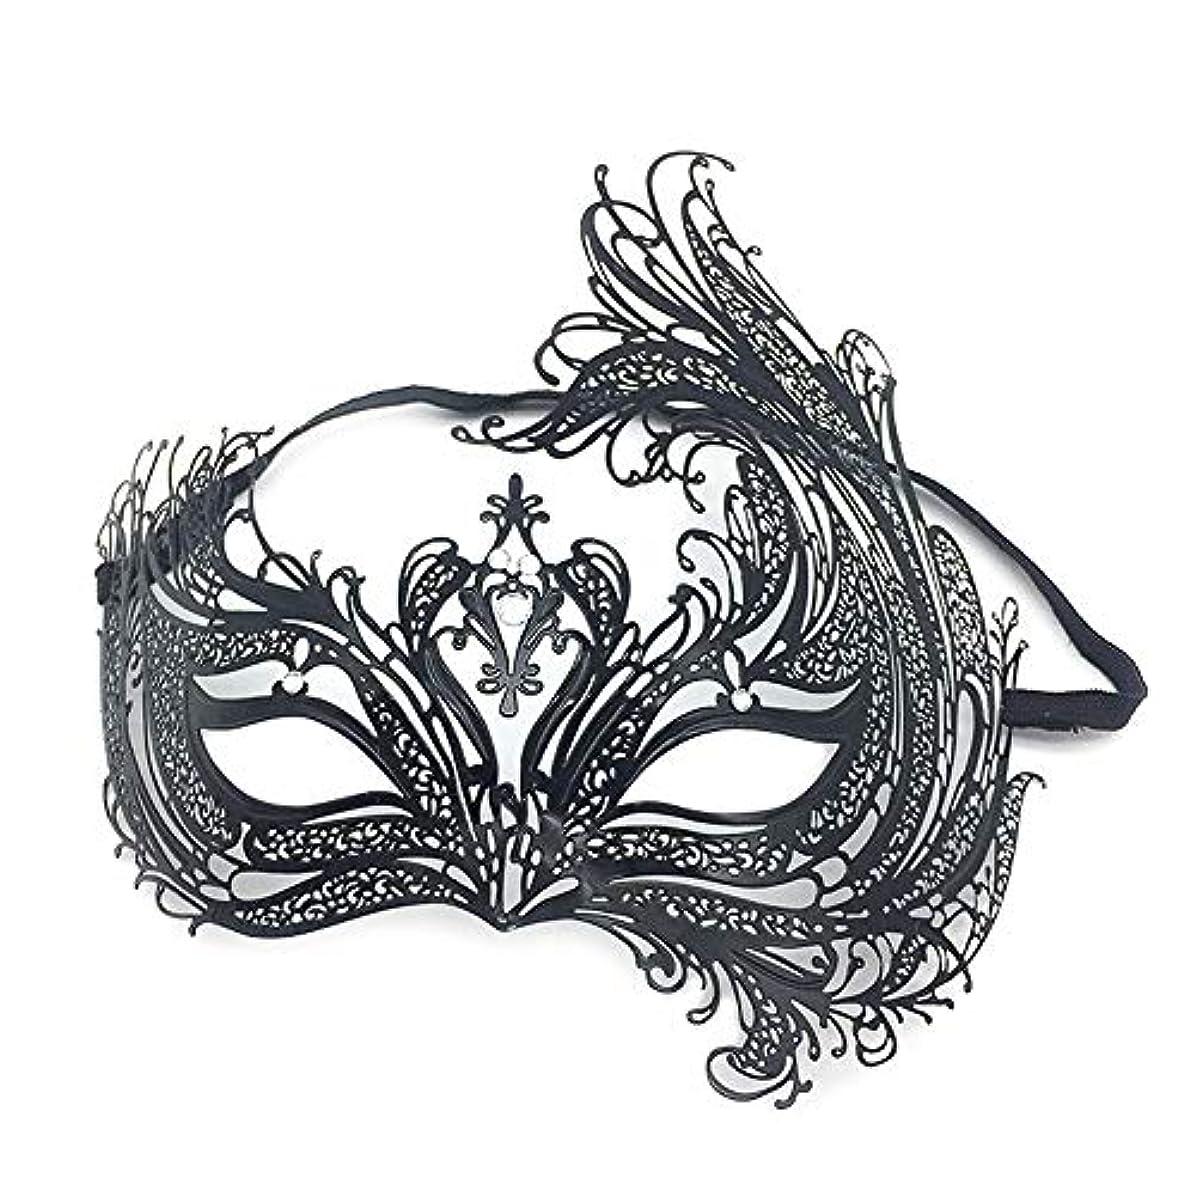 多くの危険がある状況効率的に思われるダンスマスク 仮面舞踏会パーティーブラックセクシーハーフフェイスフェニックスハロウィーンロールプレイングメタルマスクガール ホリデーパーティー用品 (色 : ブラック, サイズ : 20x19cm)